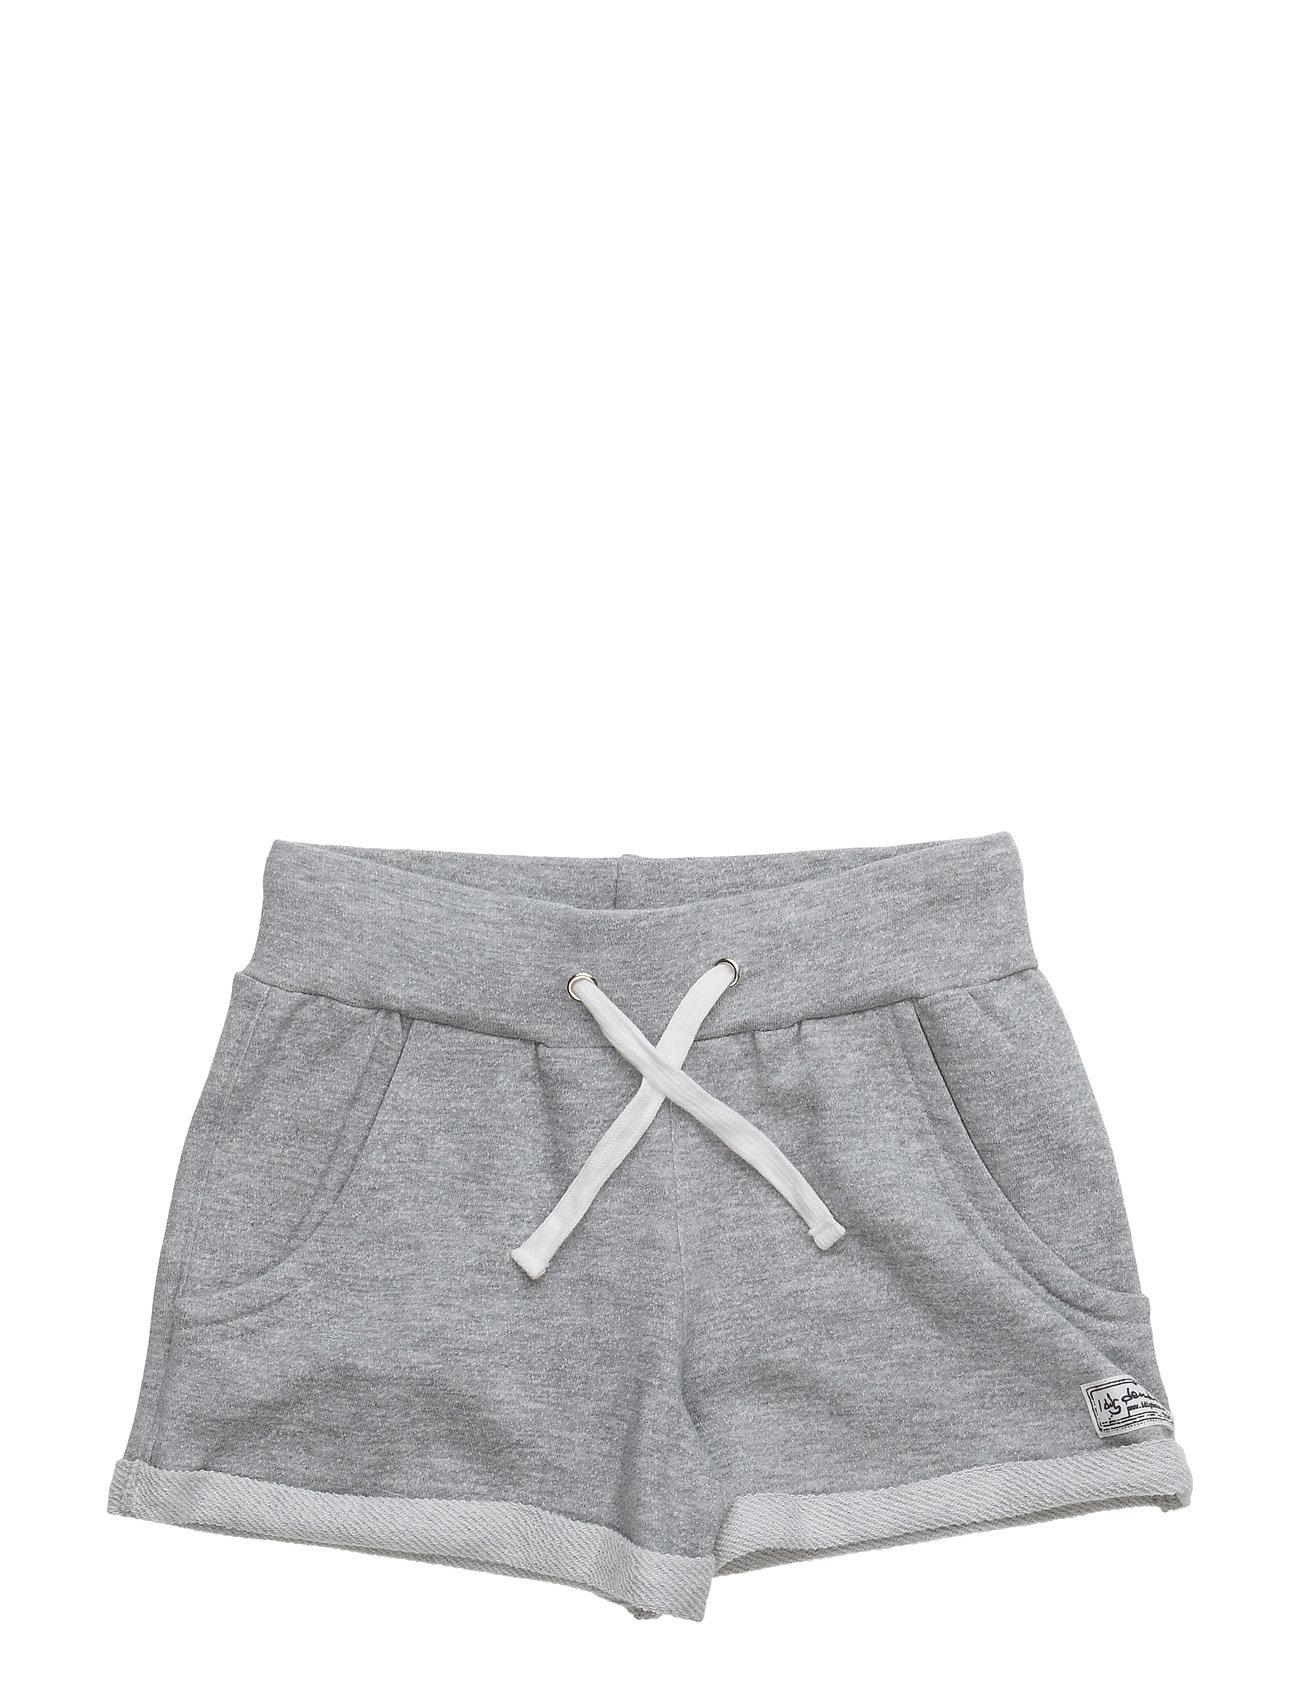 Flo Shorts I dig denim Shorts til Børn i Grey Melange